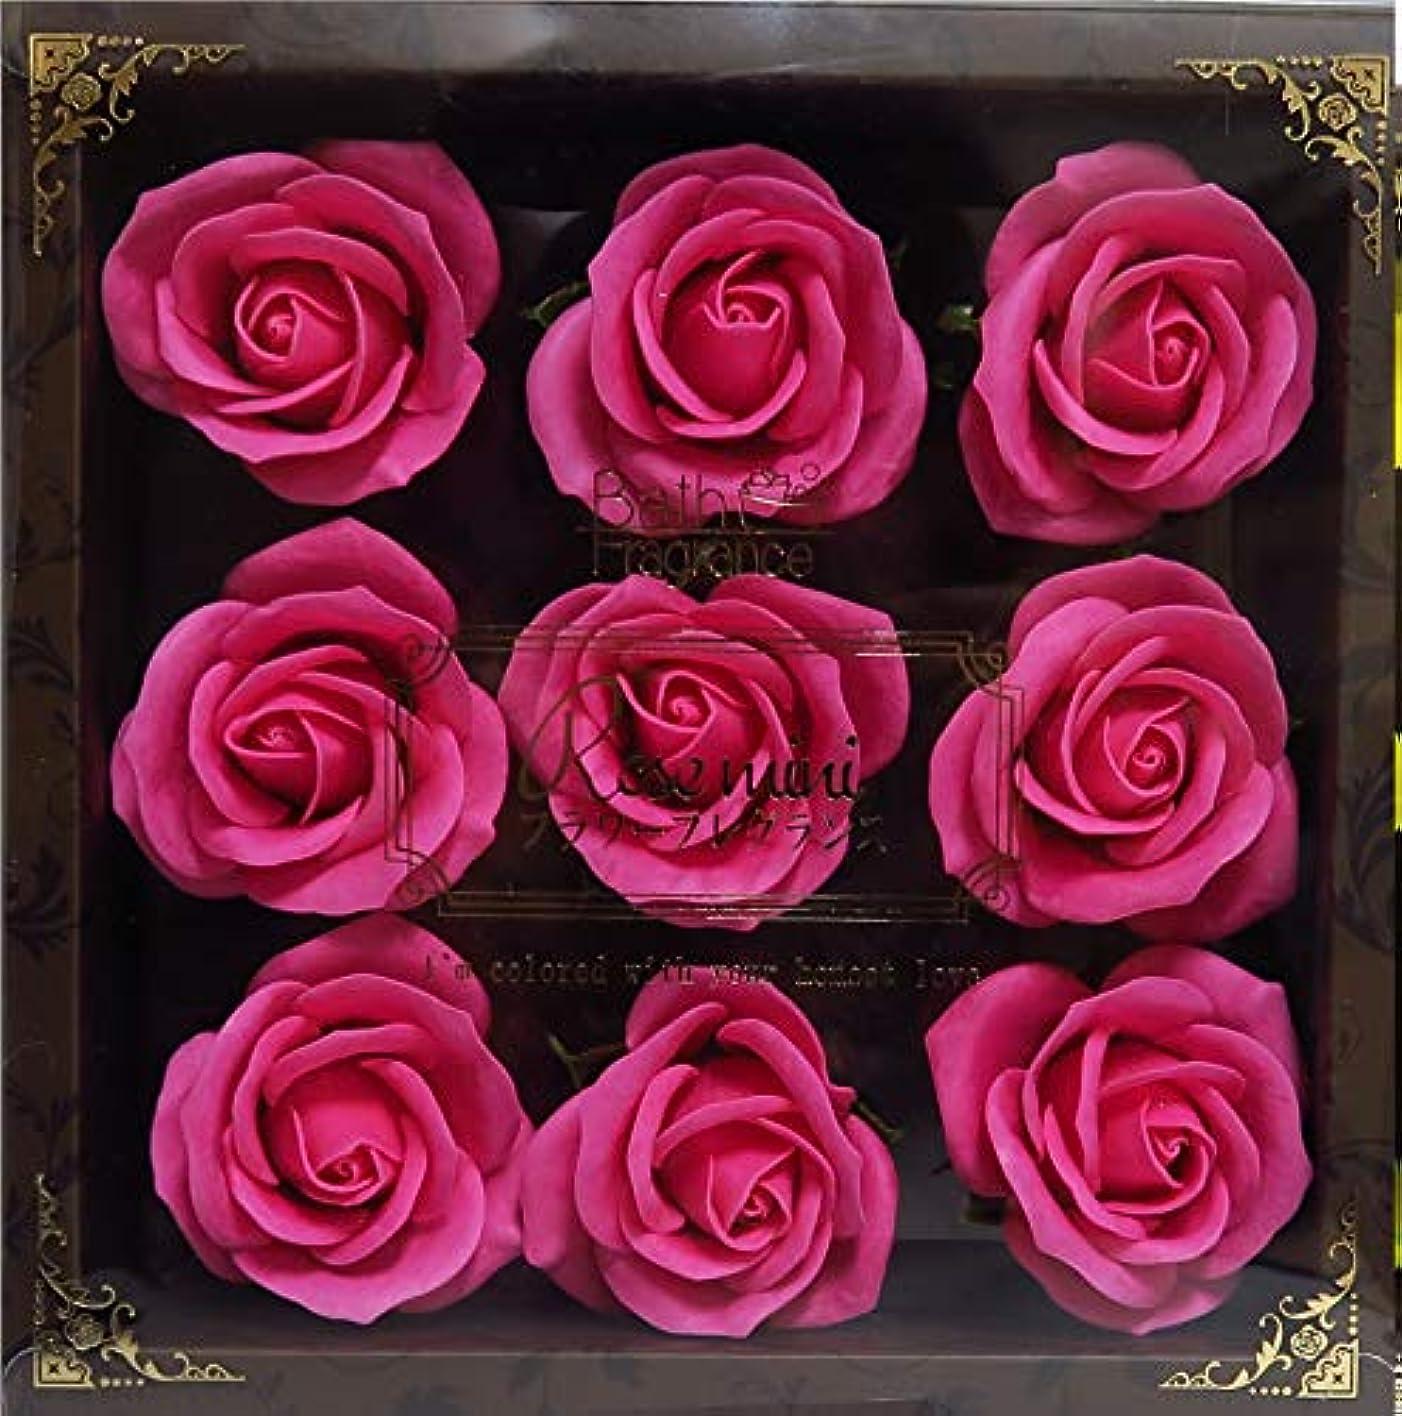 辛い振るう収束バスフレグランス バスフラワー ミニローズフレグランス(L)ローズピンク お花の形の入浴剤